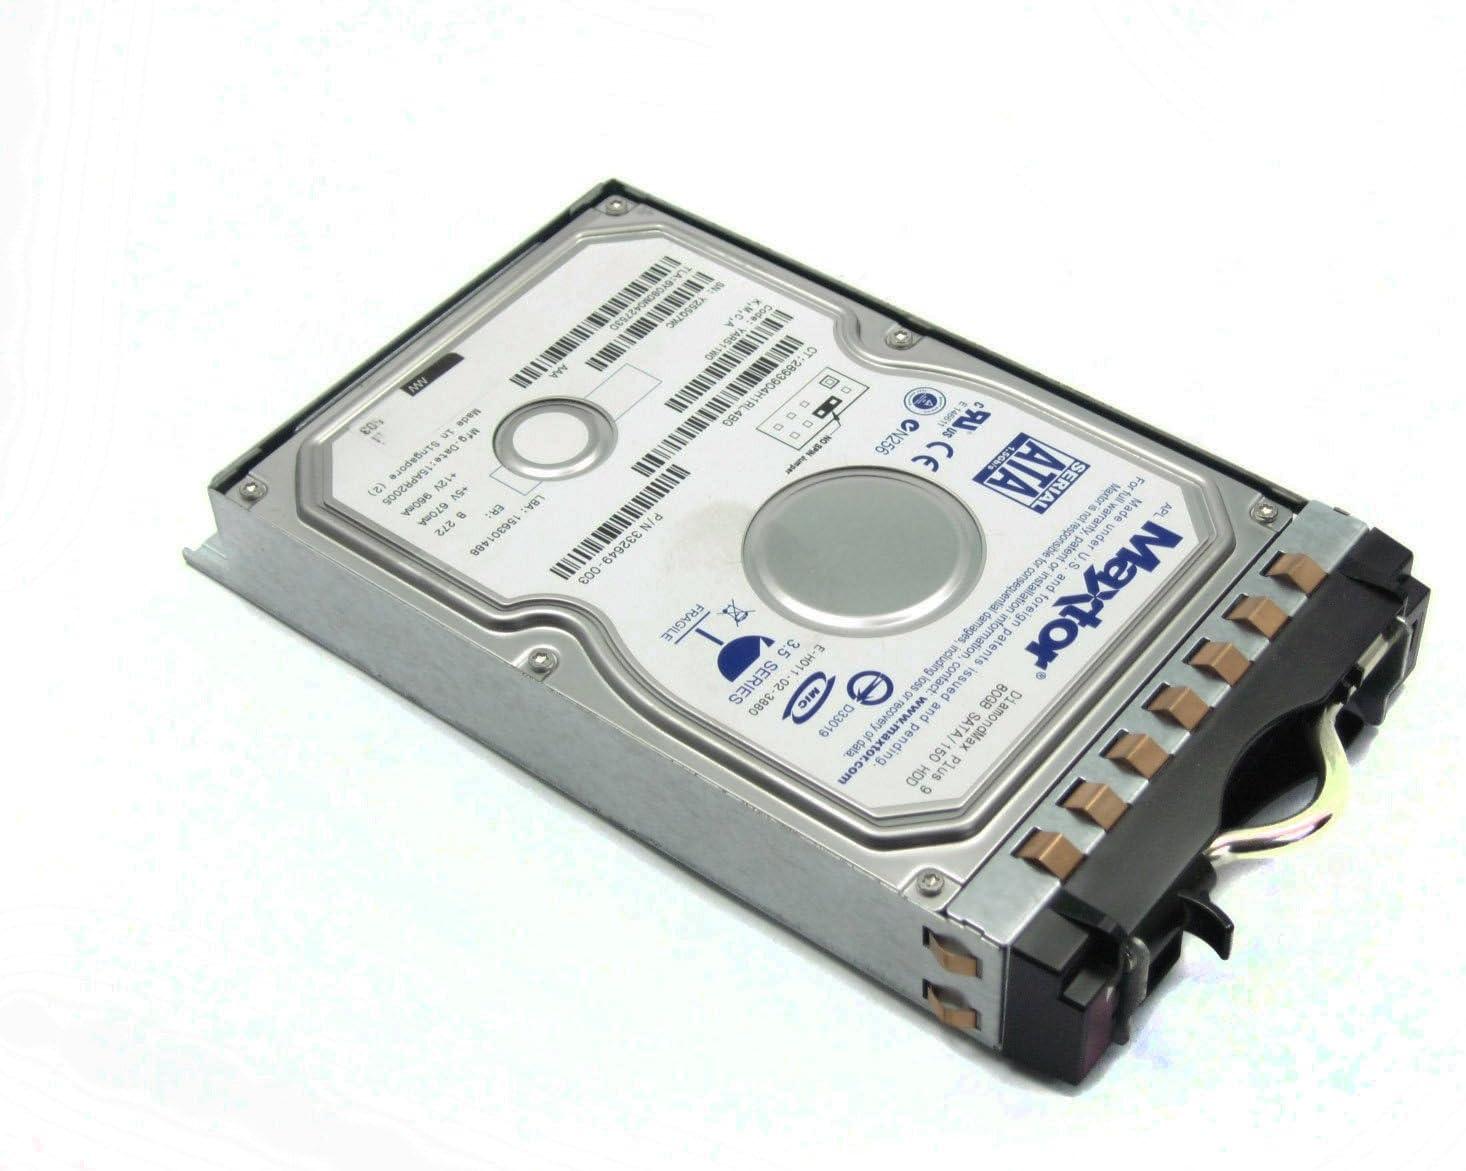 332649003 Compaq 332649-003 80GB 7200rpm SATA